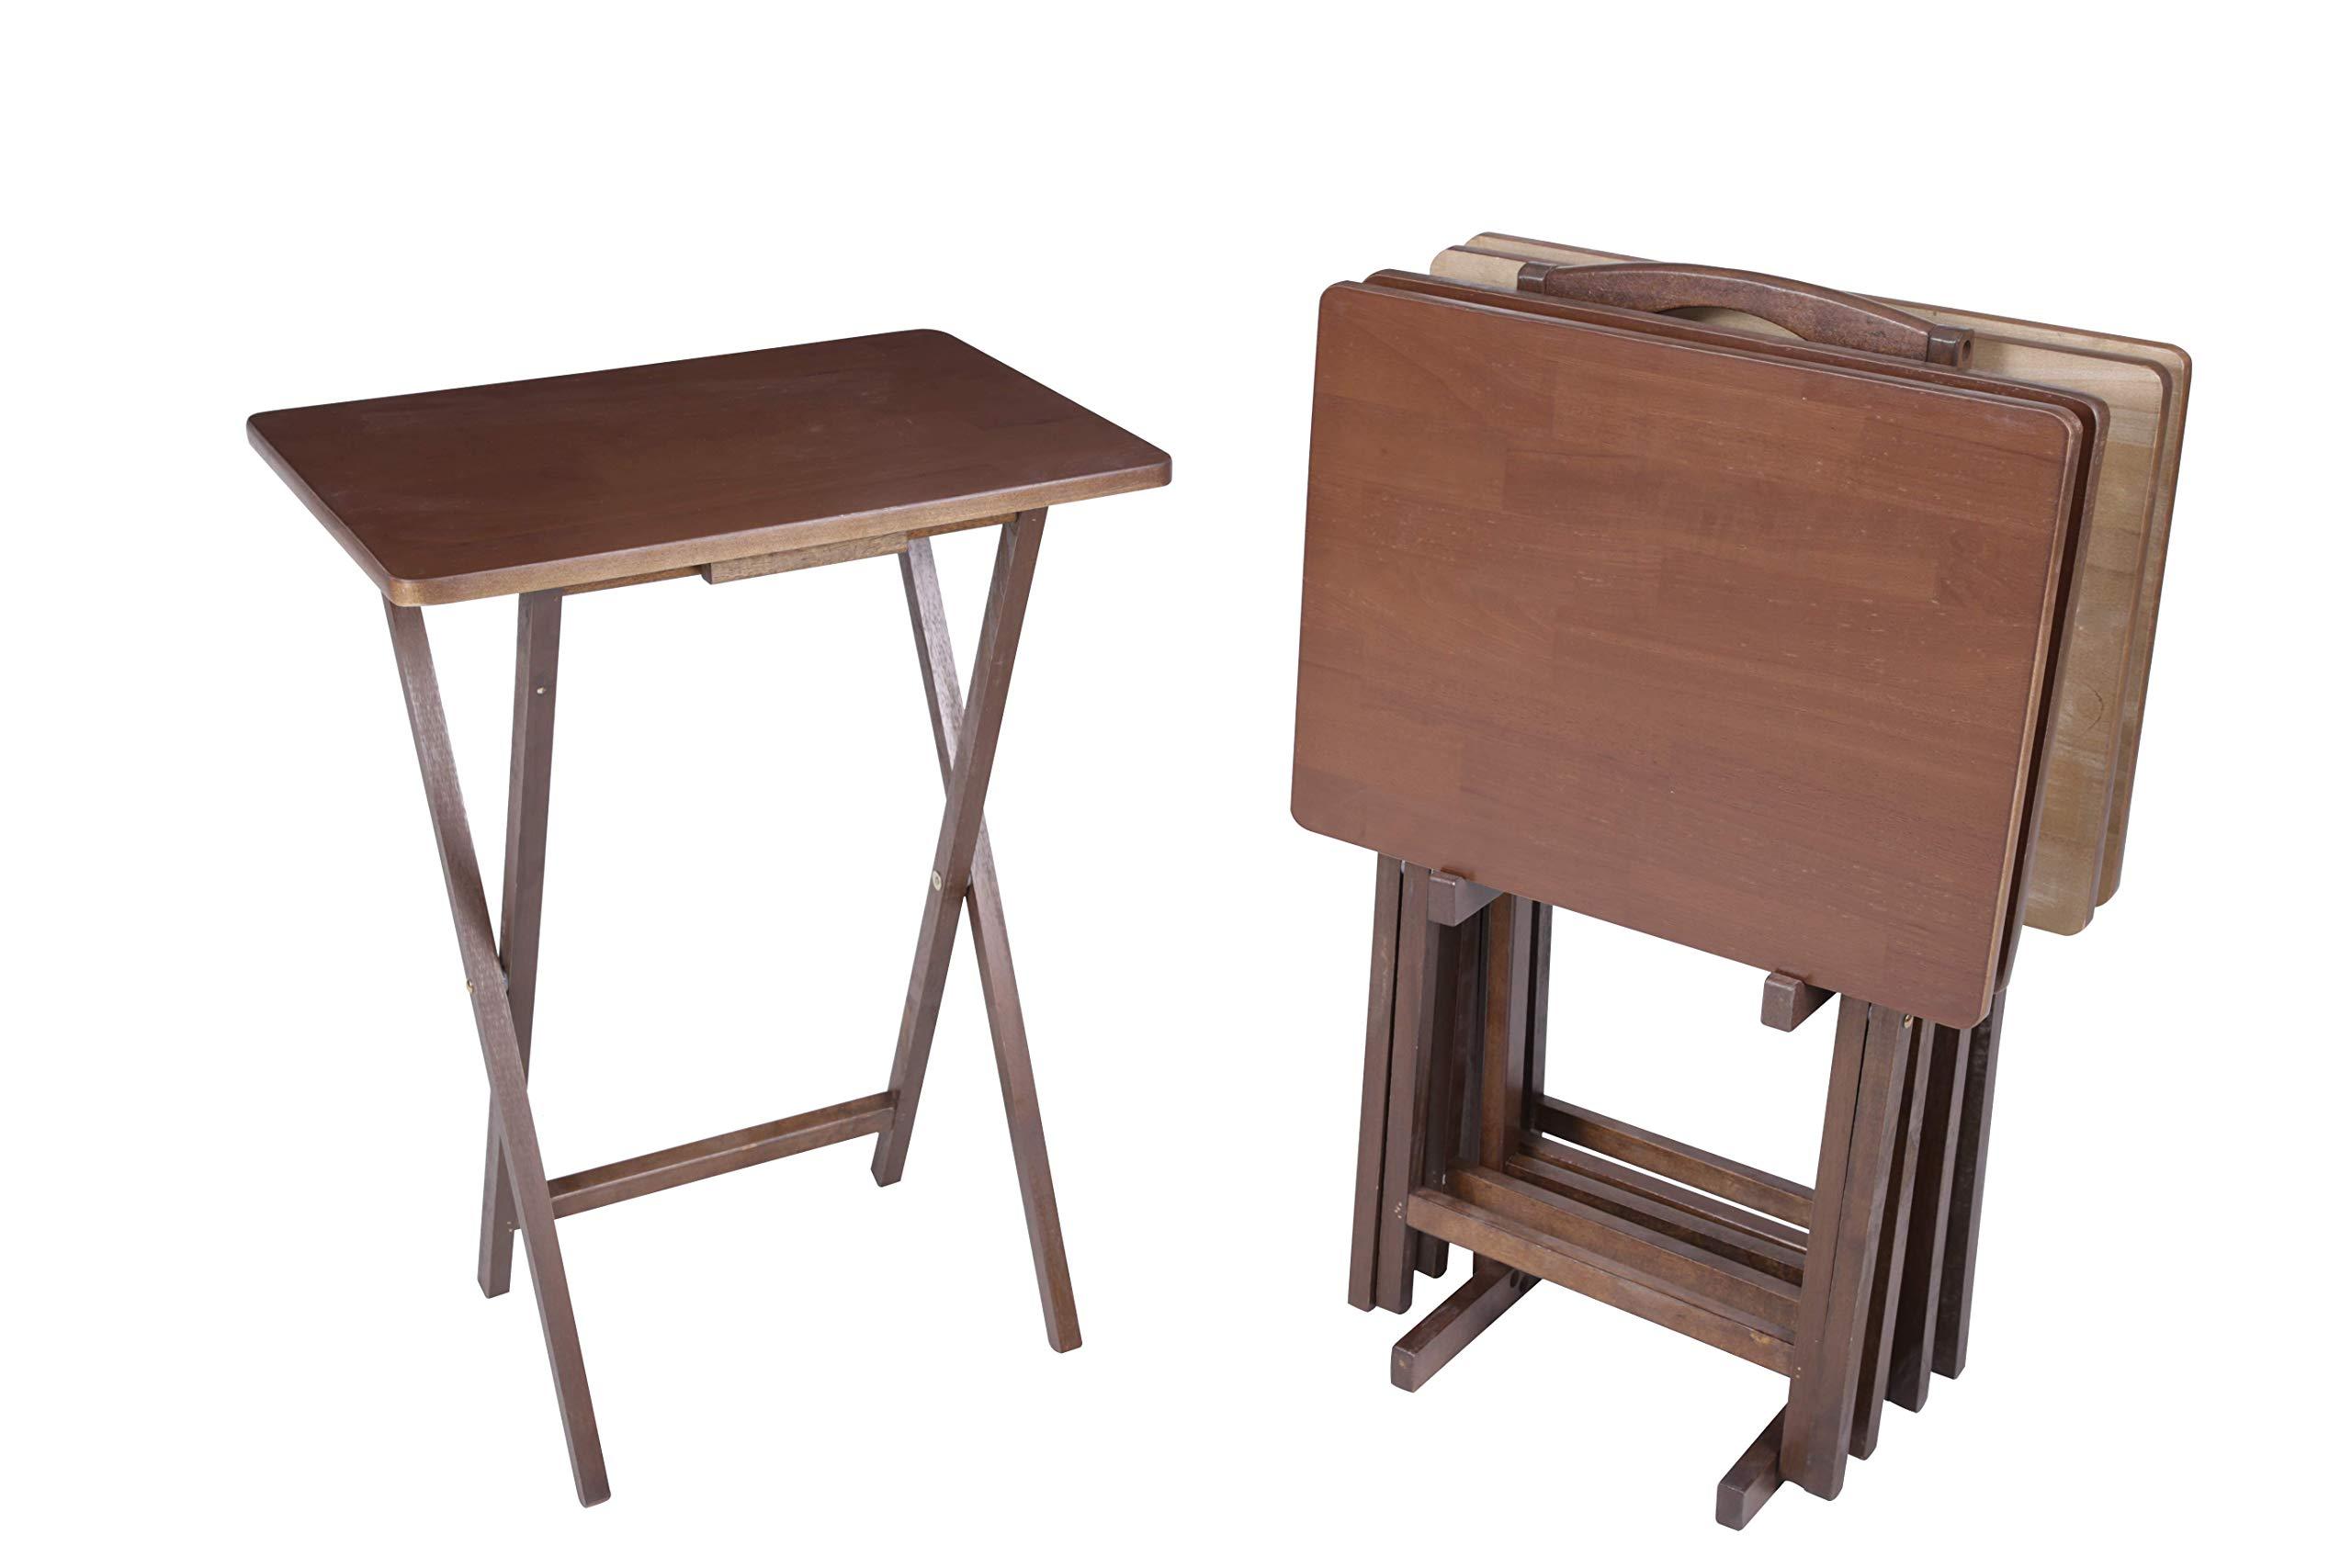 PJ Wood 5-piece Folding TV Tray & Snack Table - Honey Oak Finish Rubberwood by PJ Wood